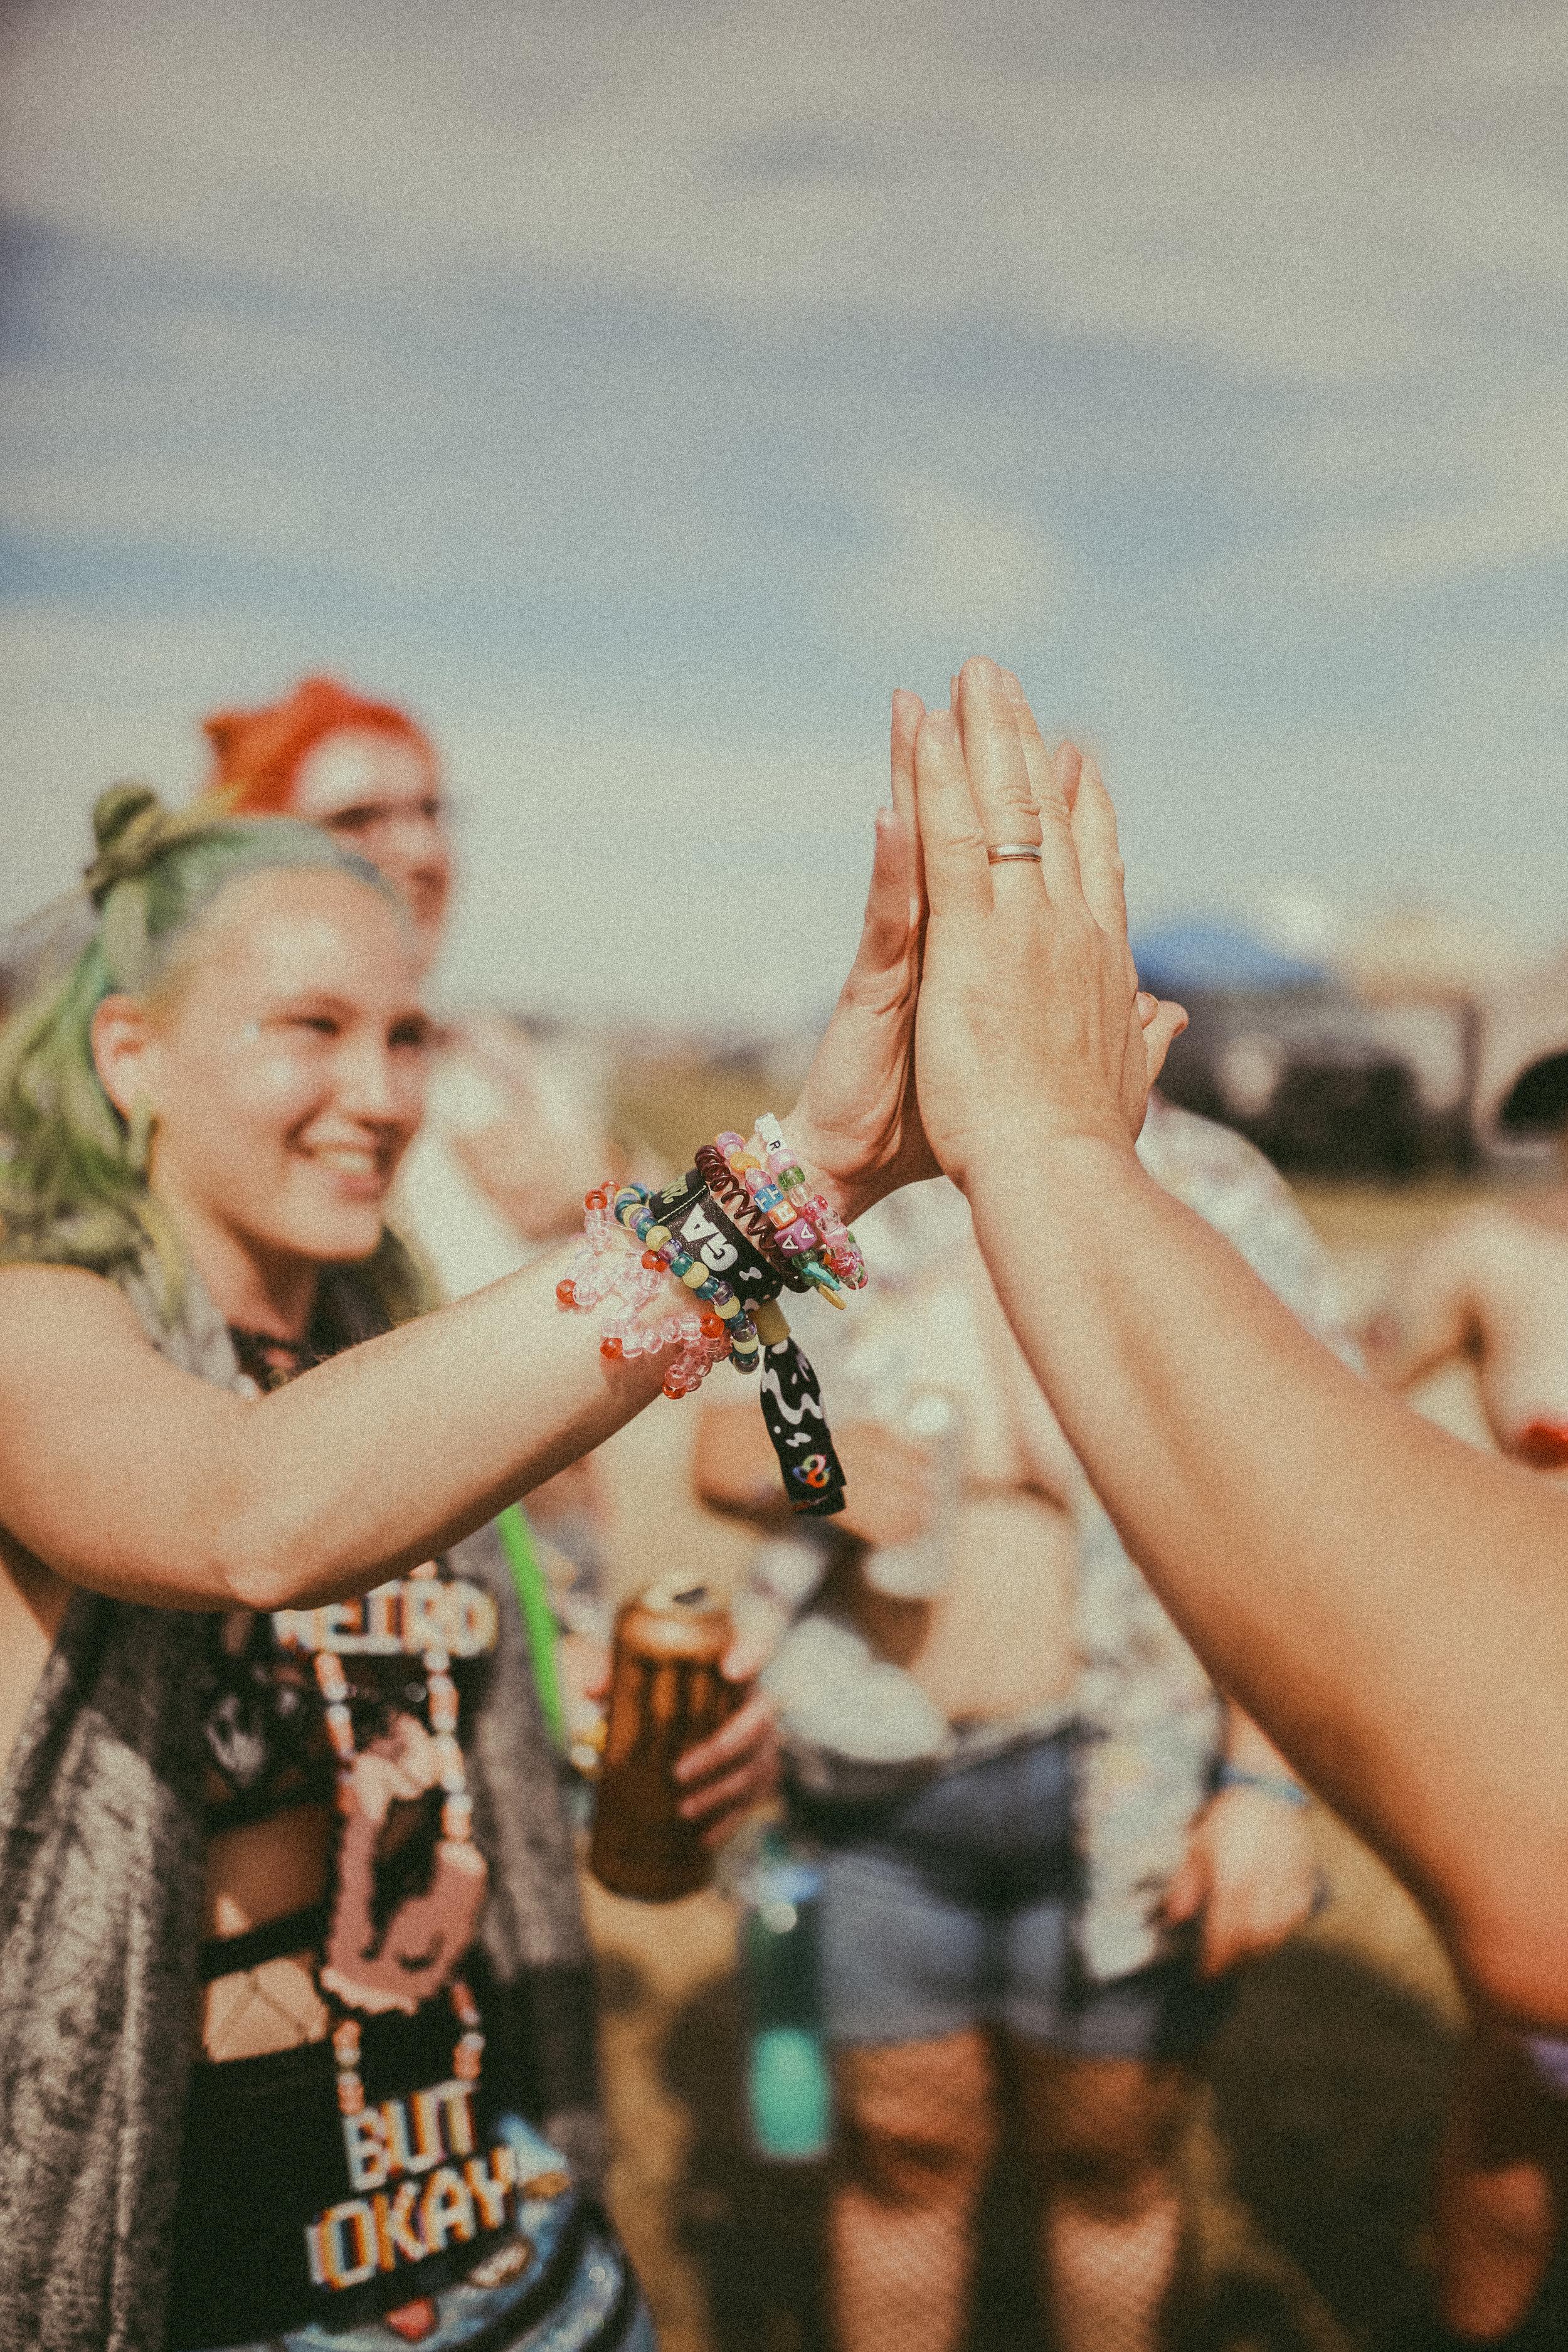 Bonnaroo-MusicFestivalWedding-Brittany&Kevin-36.jpg